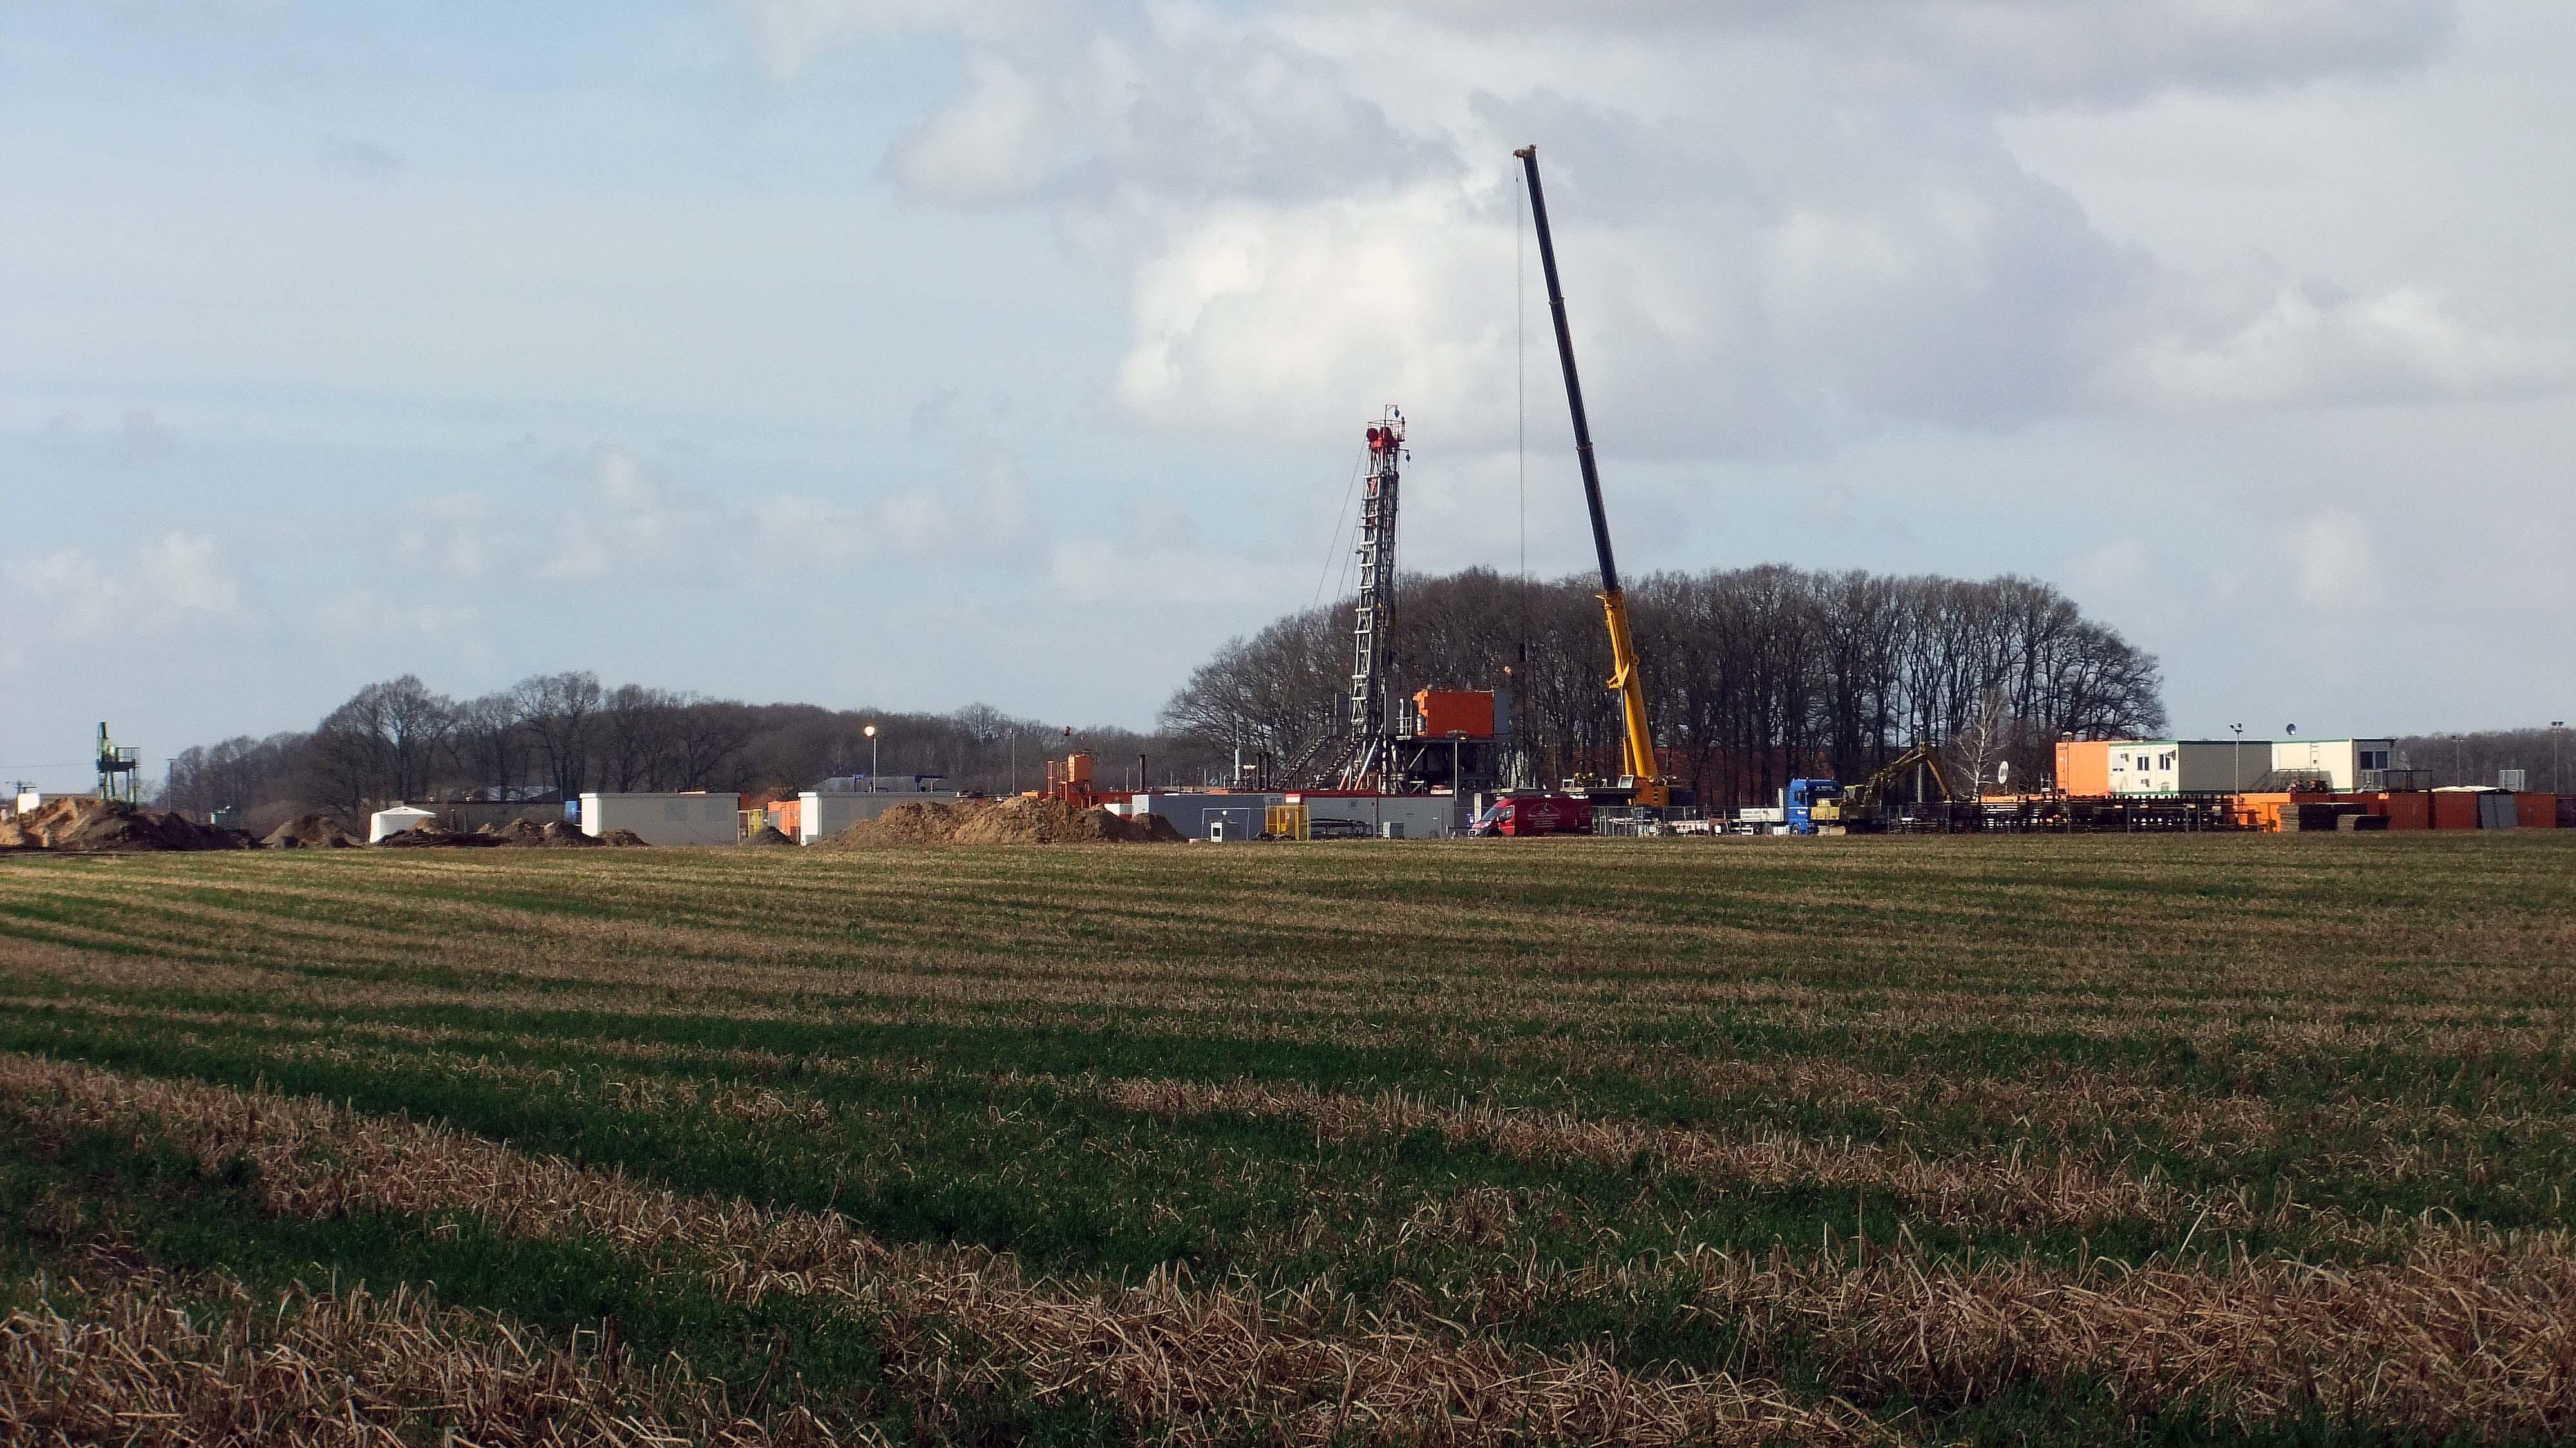 EEW-Bohranlage T-47 während des Umbaus auf dem Bohrplatz des EOR-Projektes in Bockstedt im März 2012 chef79